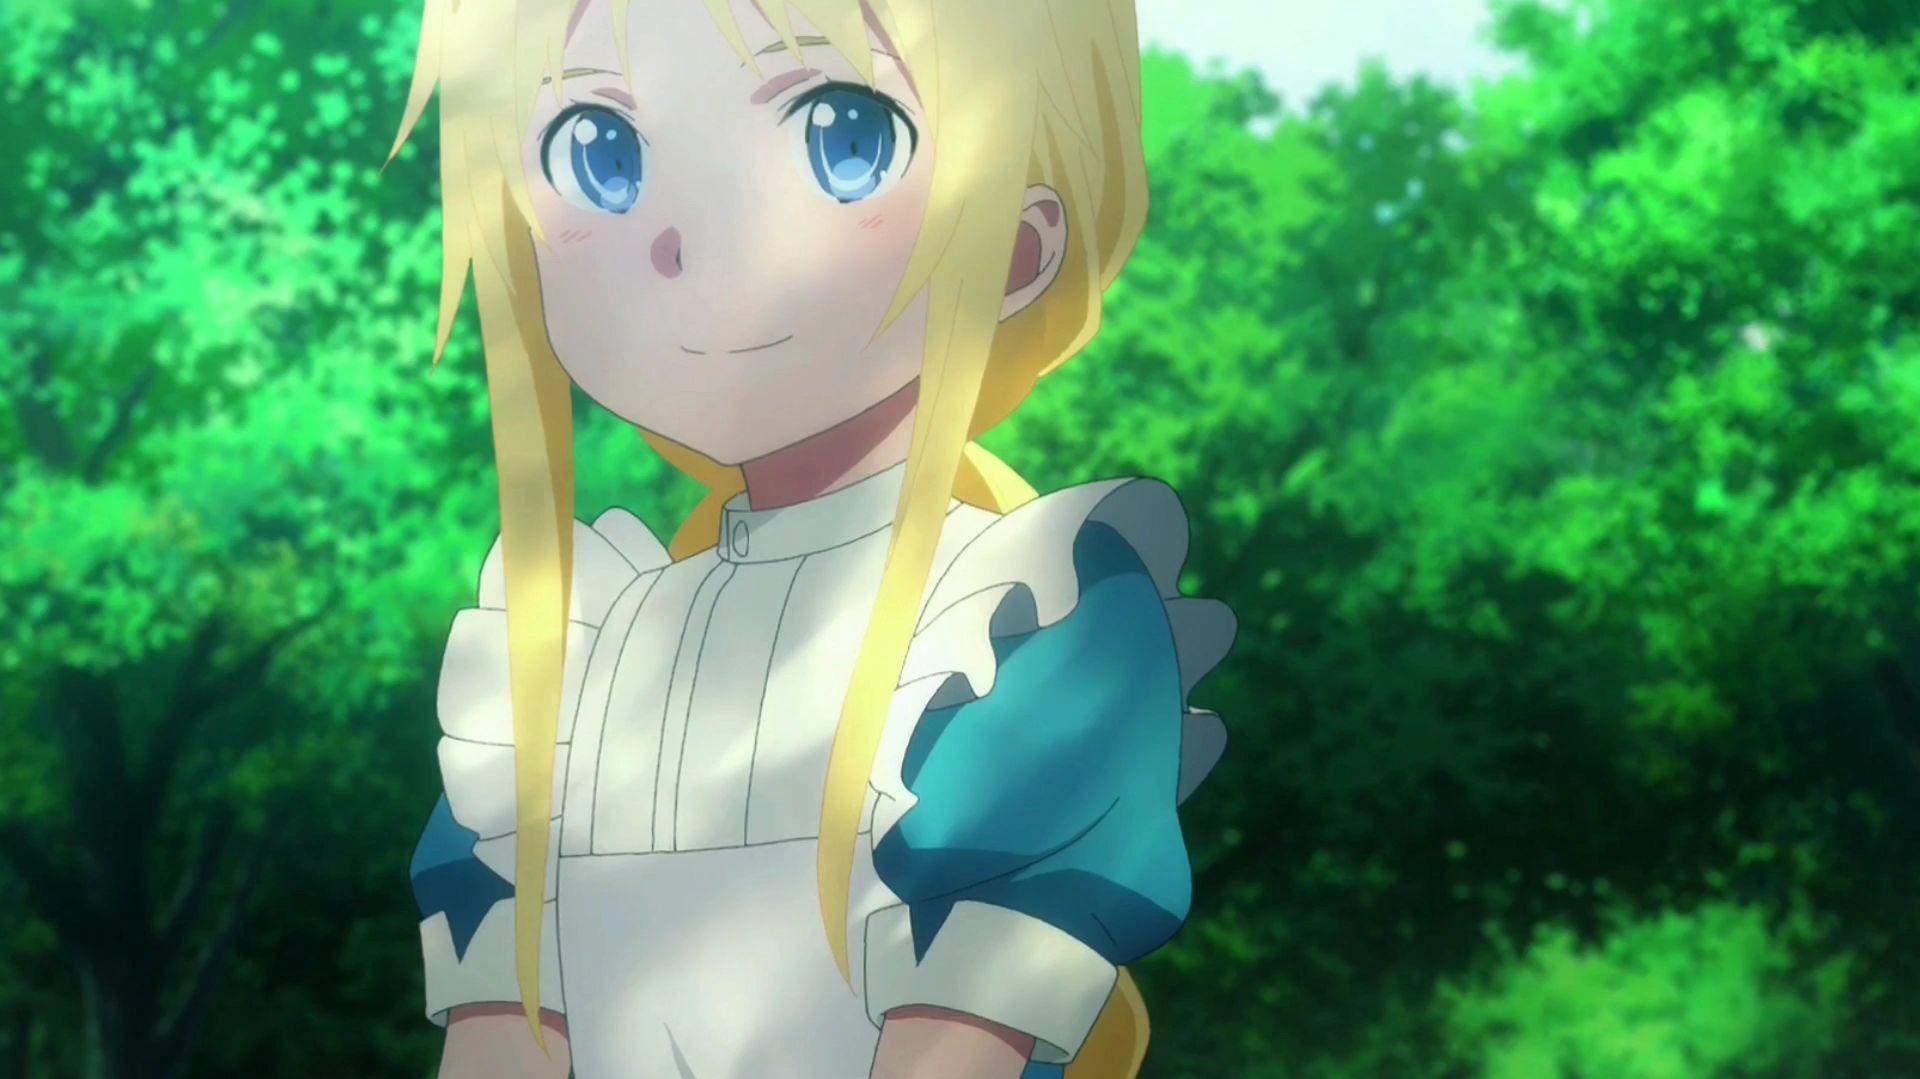 【UP主基本功大赛】Unlasting人活着就是为了爱丽丝